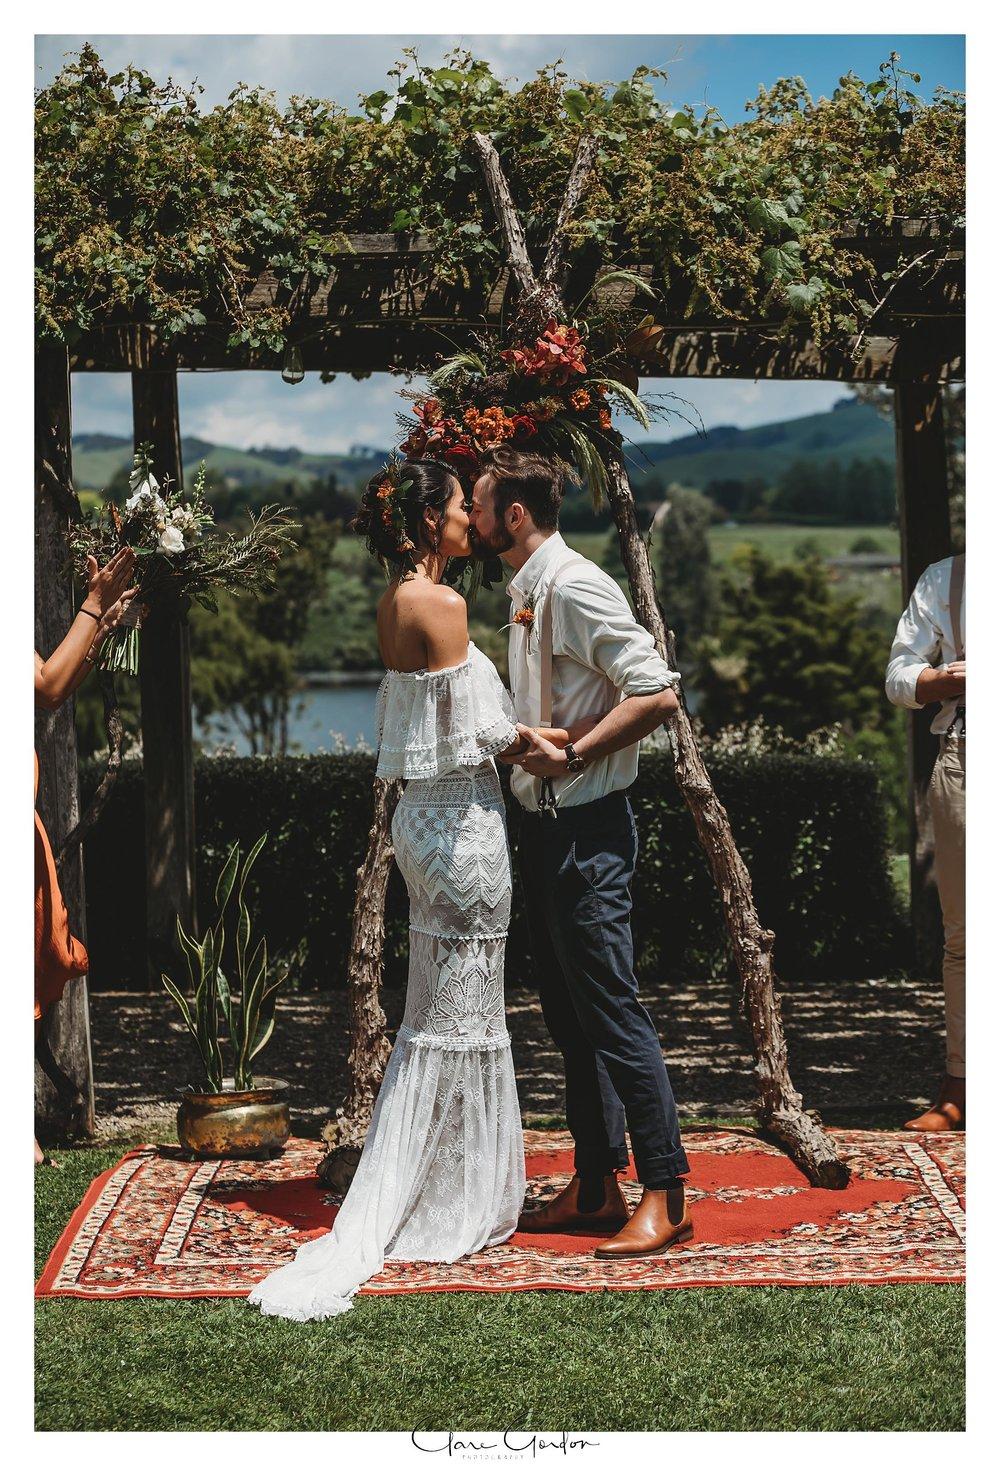 The Boatshed-Wedding-lake-karapiro-Waikato (46).jpg